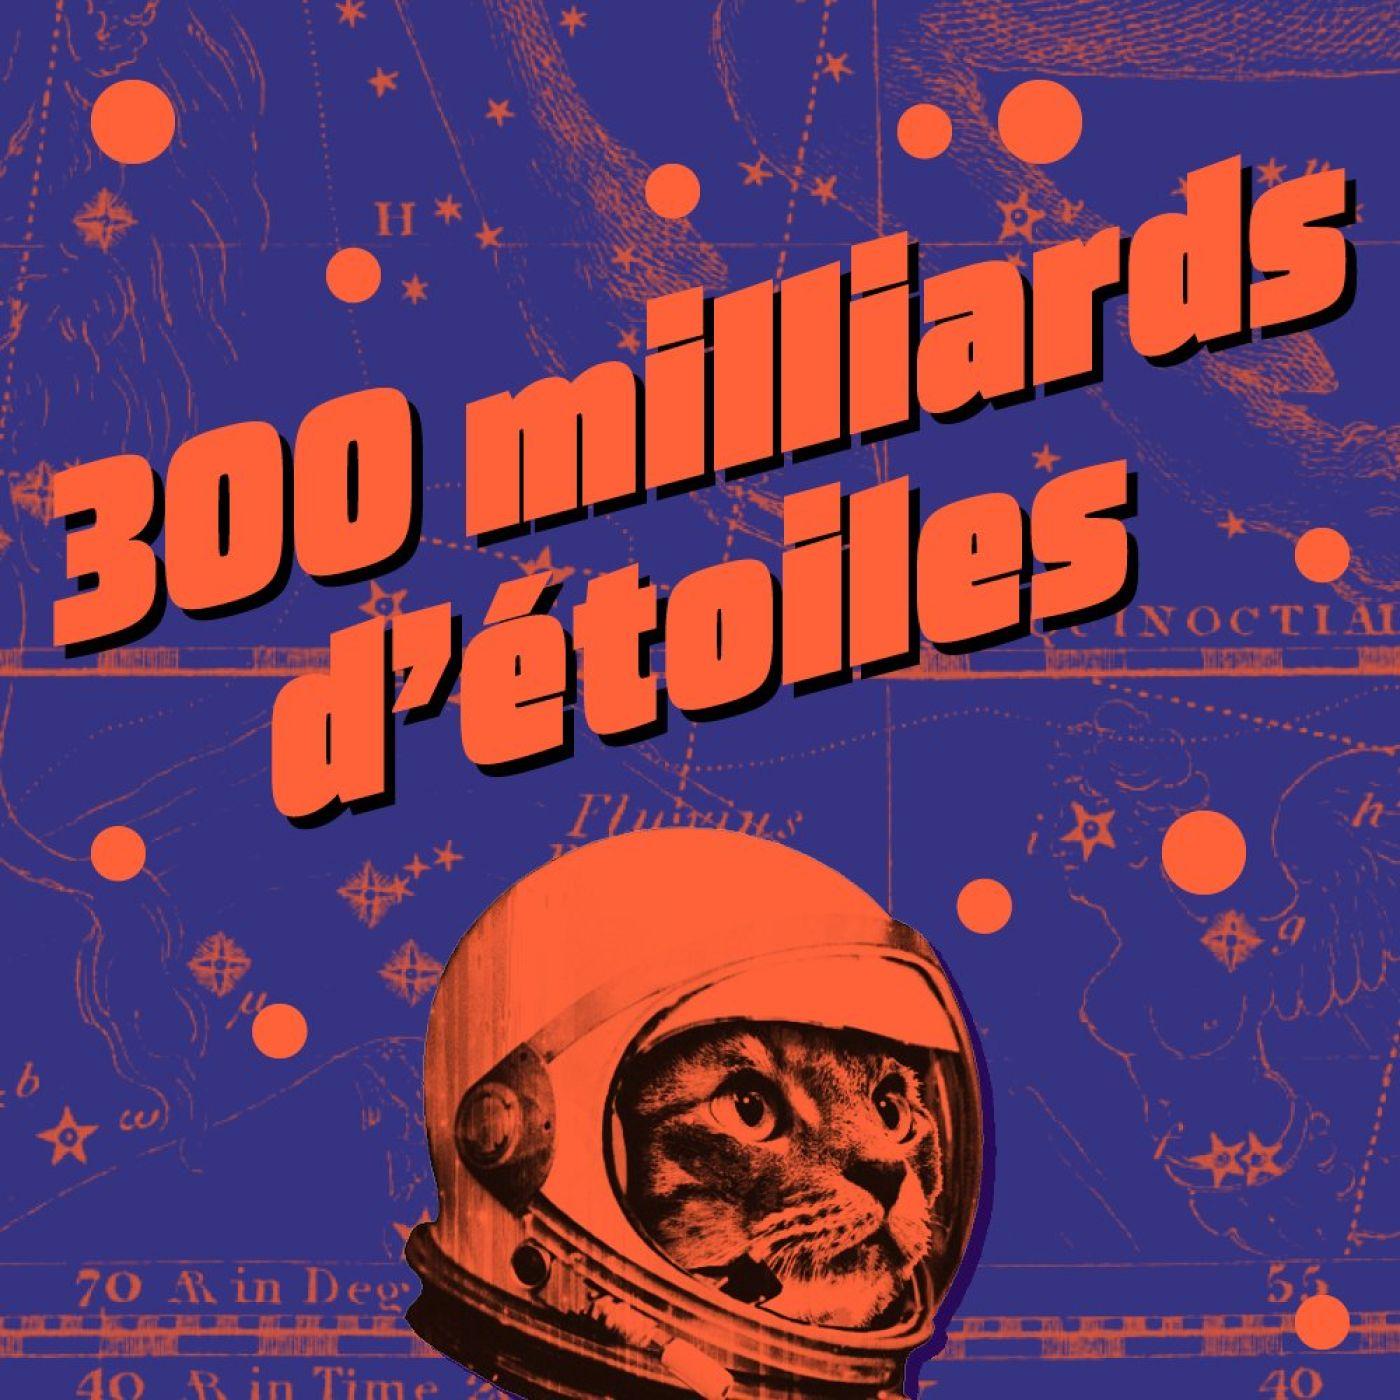 Mineur d'astéroïdes, un métier d'avenir?